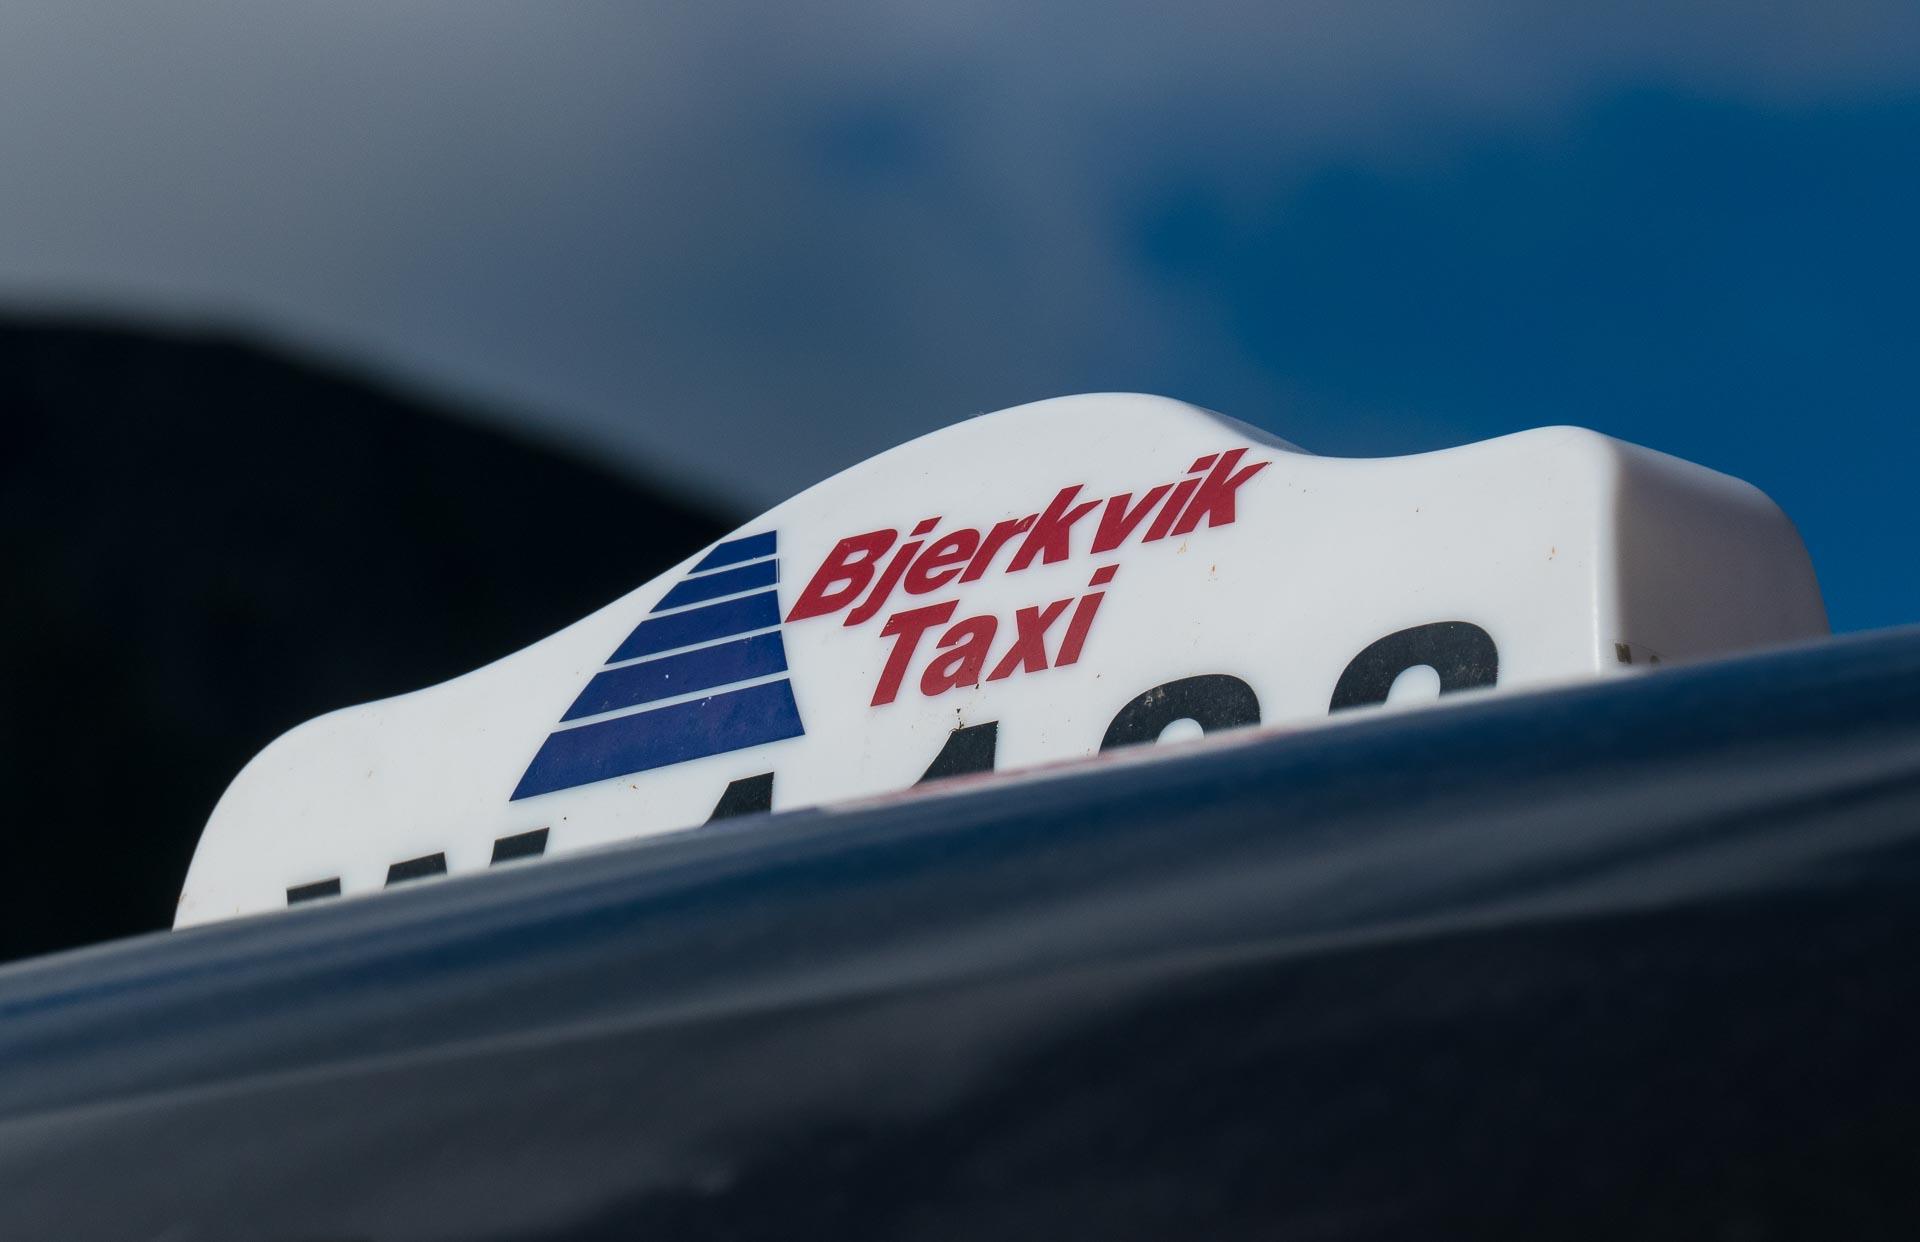 Uten førerkort er det kjekt med taxi. (Arkivfoto: Robin Lund)